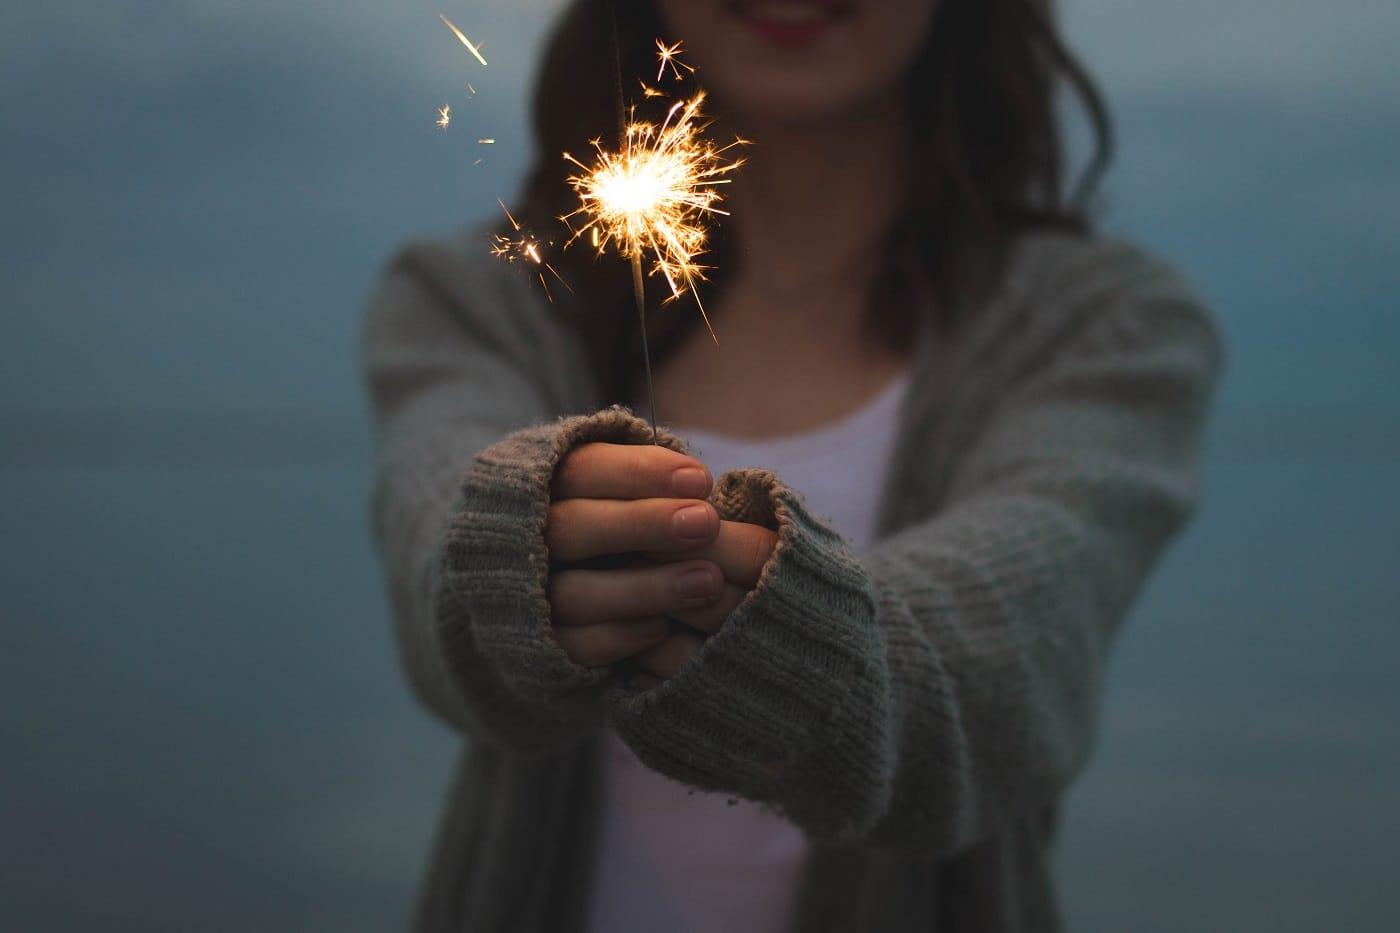 bougie, feu d'artifice, cadeau